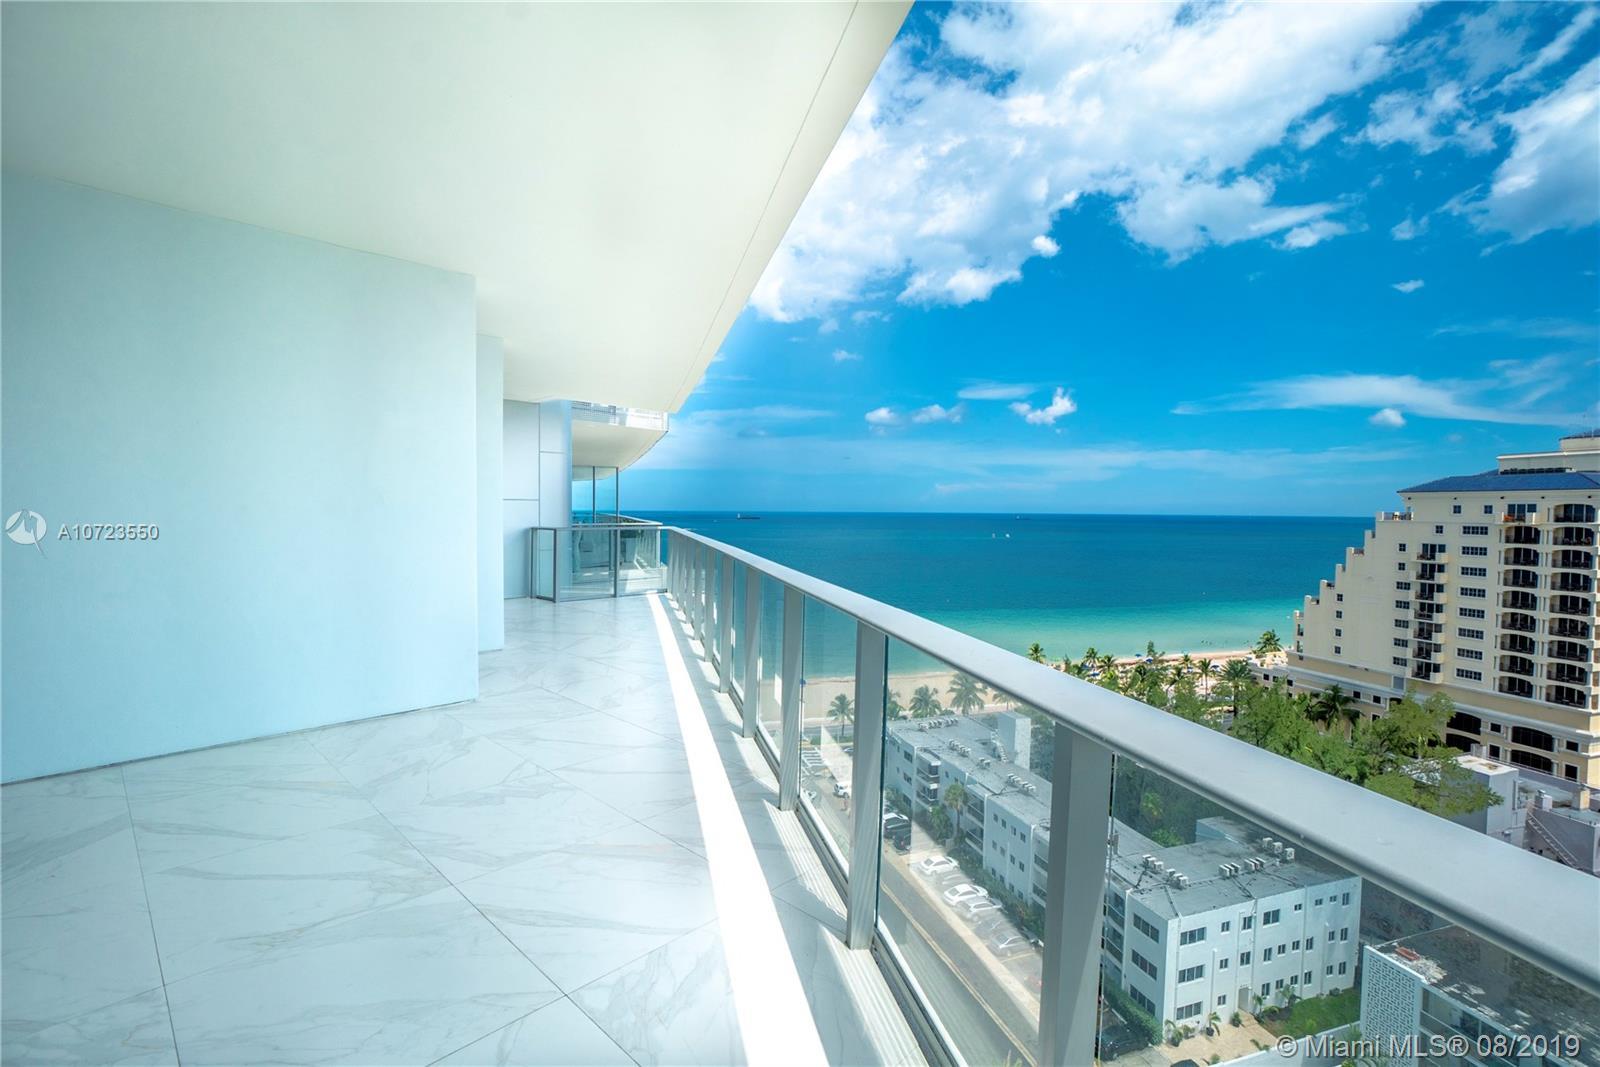 701 N Fort Lauderdale Blvd #1205 For Sale A10723550, FL